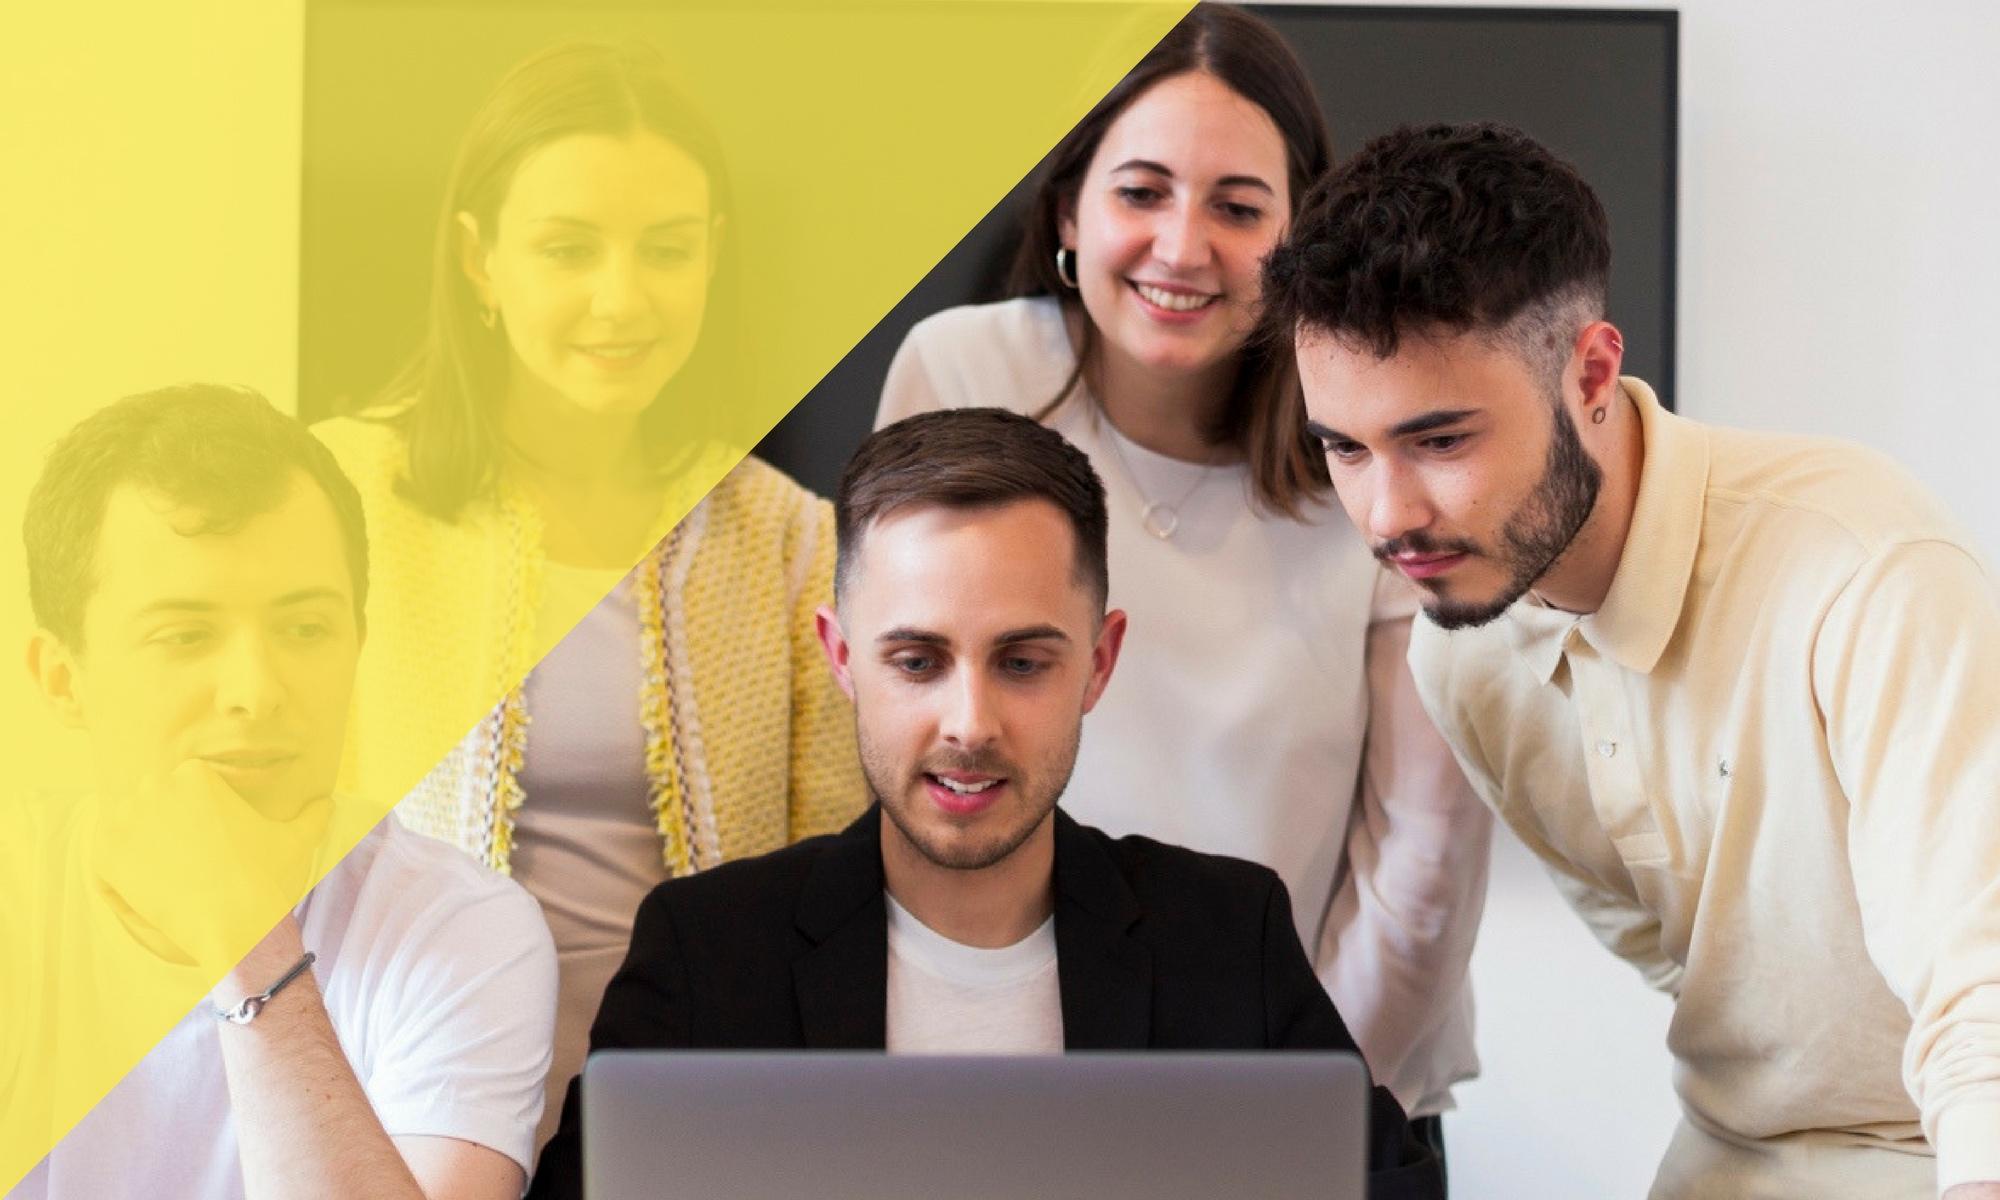 Publicités réseaux sociaux - En utilisant le potentiel des publicités sur les 4 principaux réseaux sociaux, faites passer vos messages auprès de vos cibles. Faites le choix de l'Agence 636 pour vous accompagner.